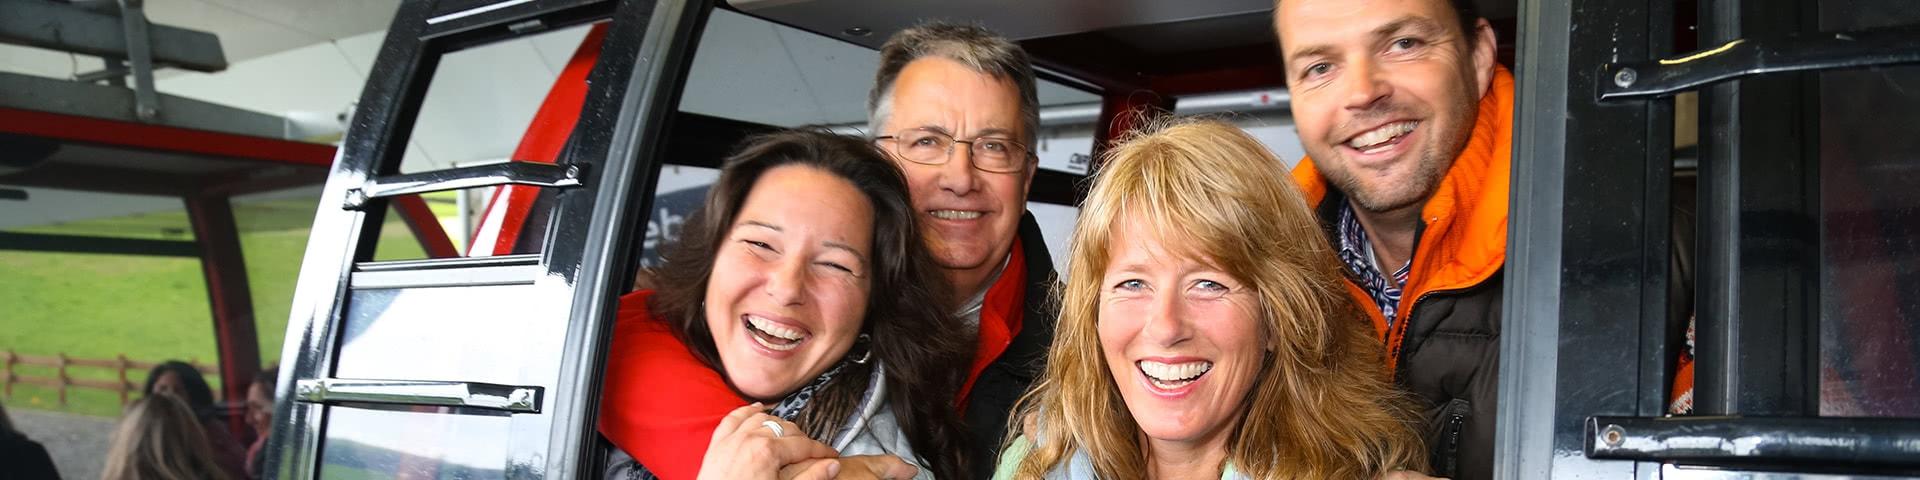 Fröhliche Gruppe in einer Gondel der Ettelsberg-Seilbahn in Willingen